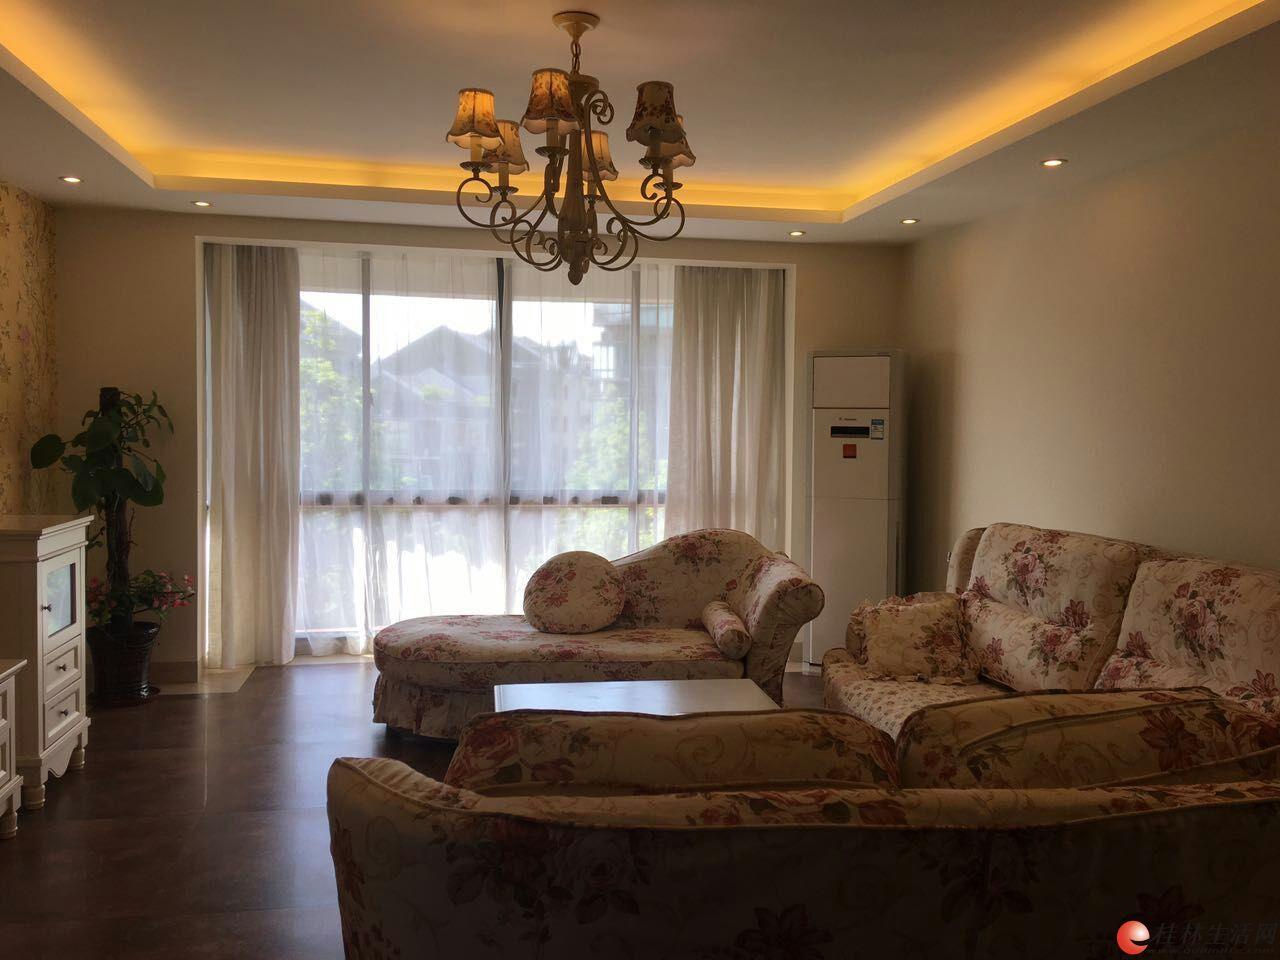 康桥半岛小区,高档小区电梯房,豪华装修,全套实木家具,家电齐全